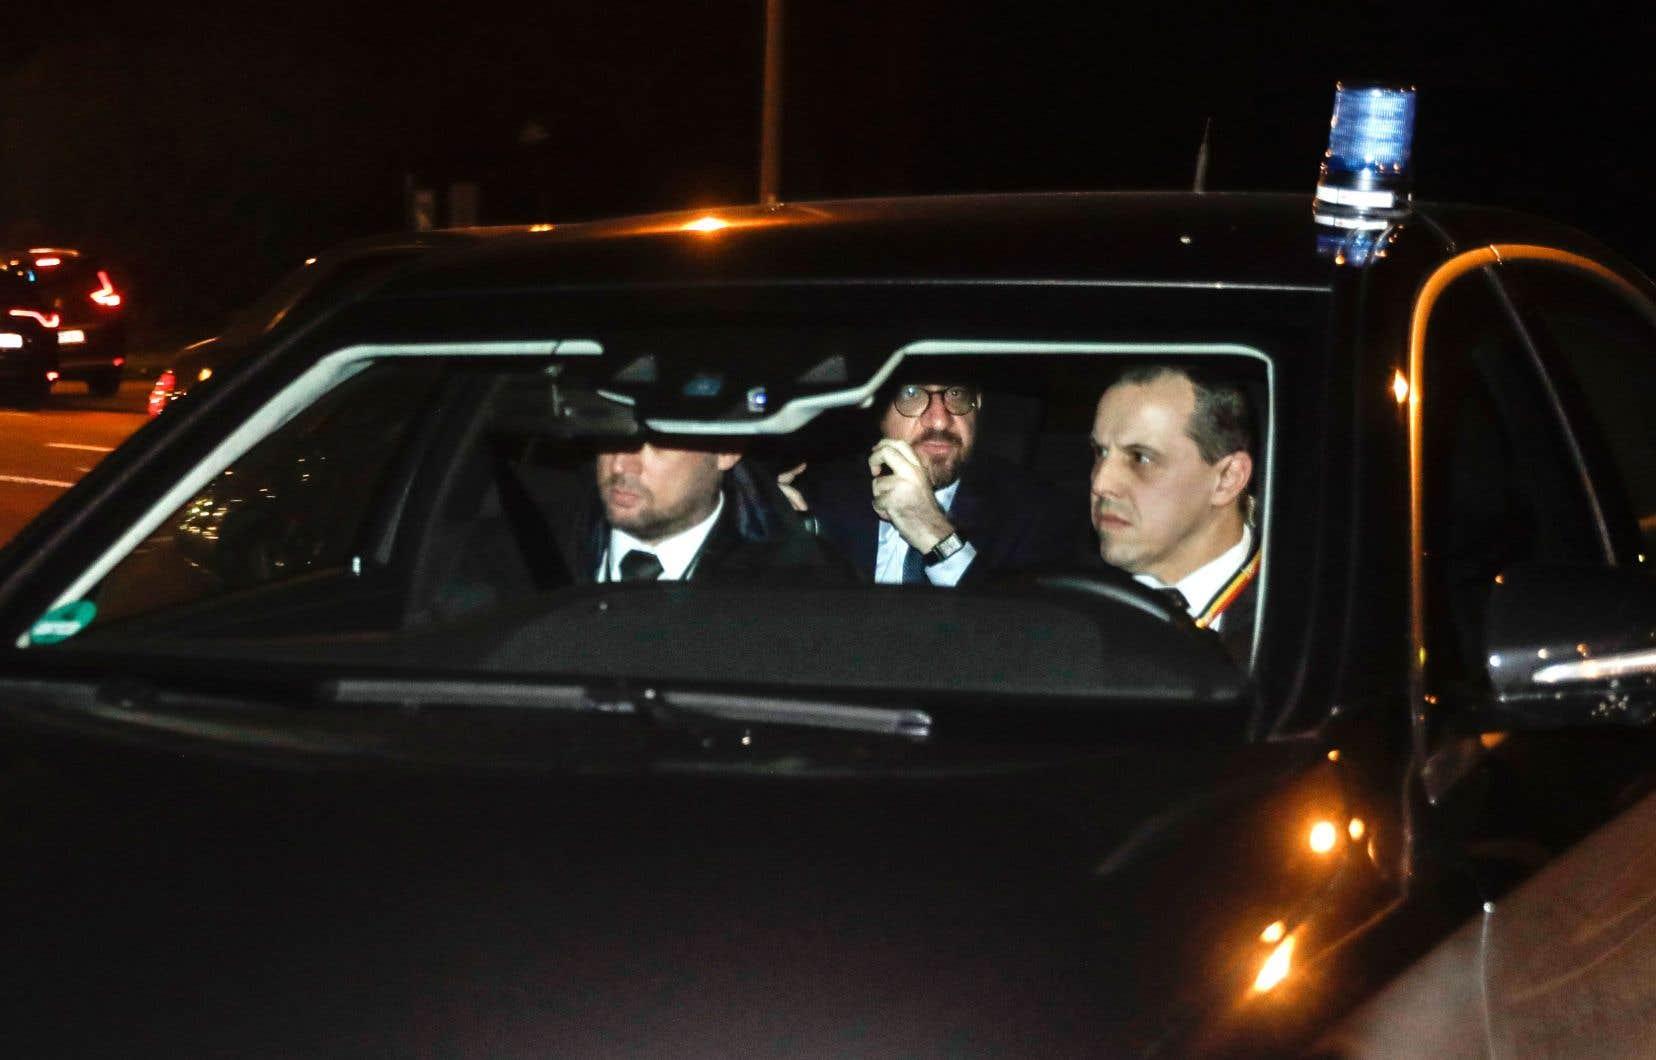 Le premier ministre Charles Michel à son arrivée mardi soir au château royal de Laeken